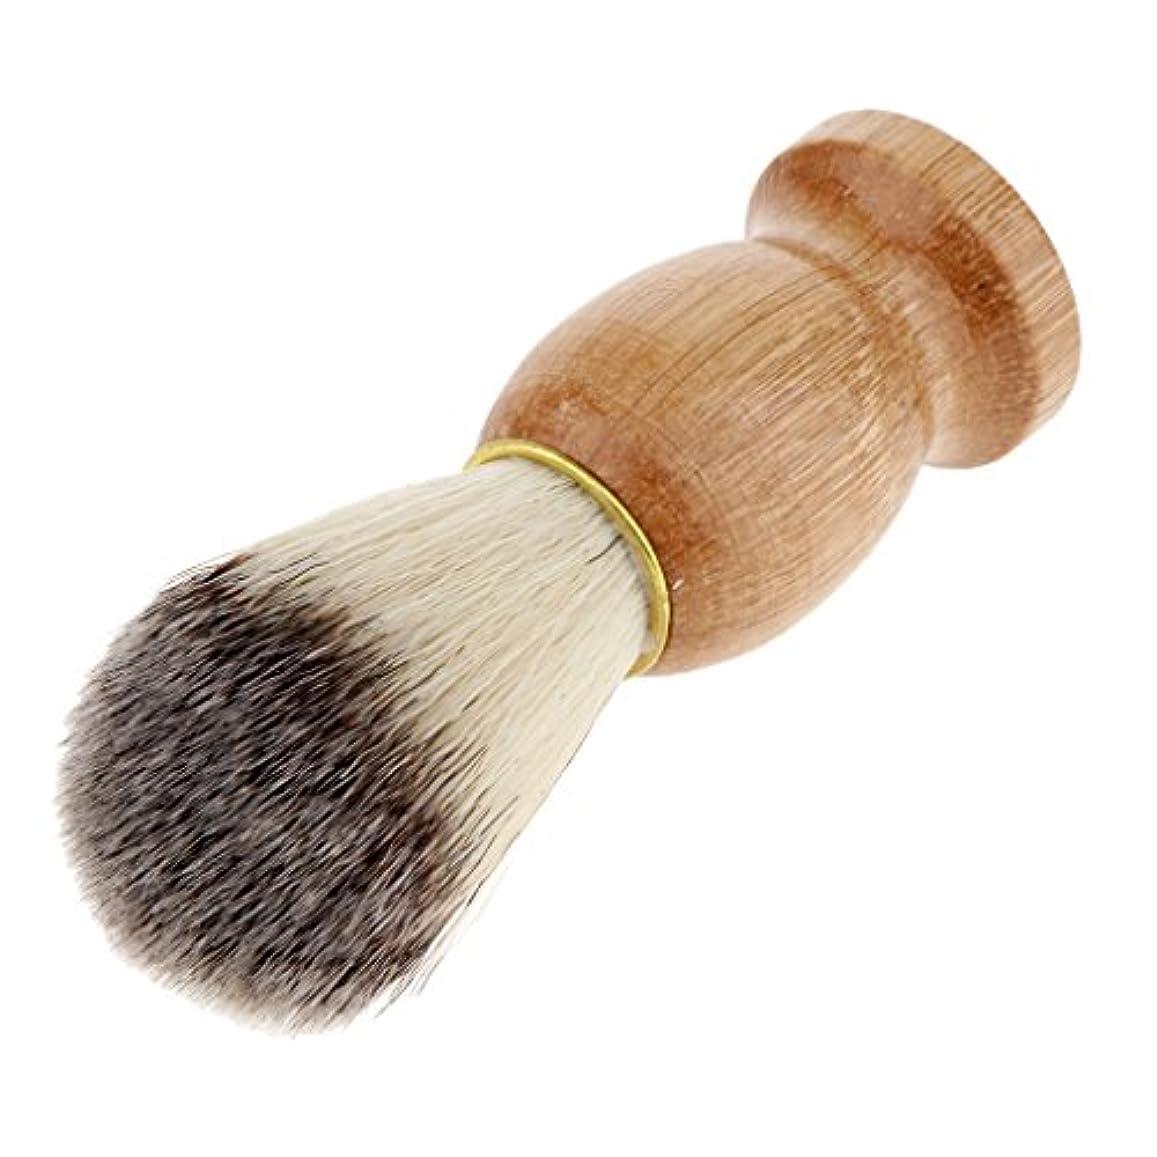 ガラスパーツ廃止シェービングブラシ コスメブラシ 木製ハンドル メンズ ひげ剃りブラシ プレゼント